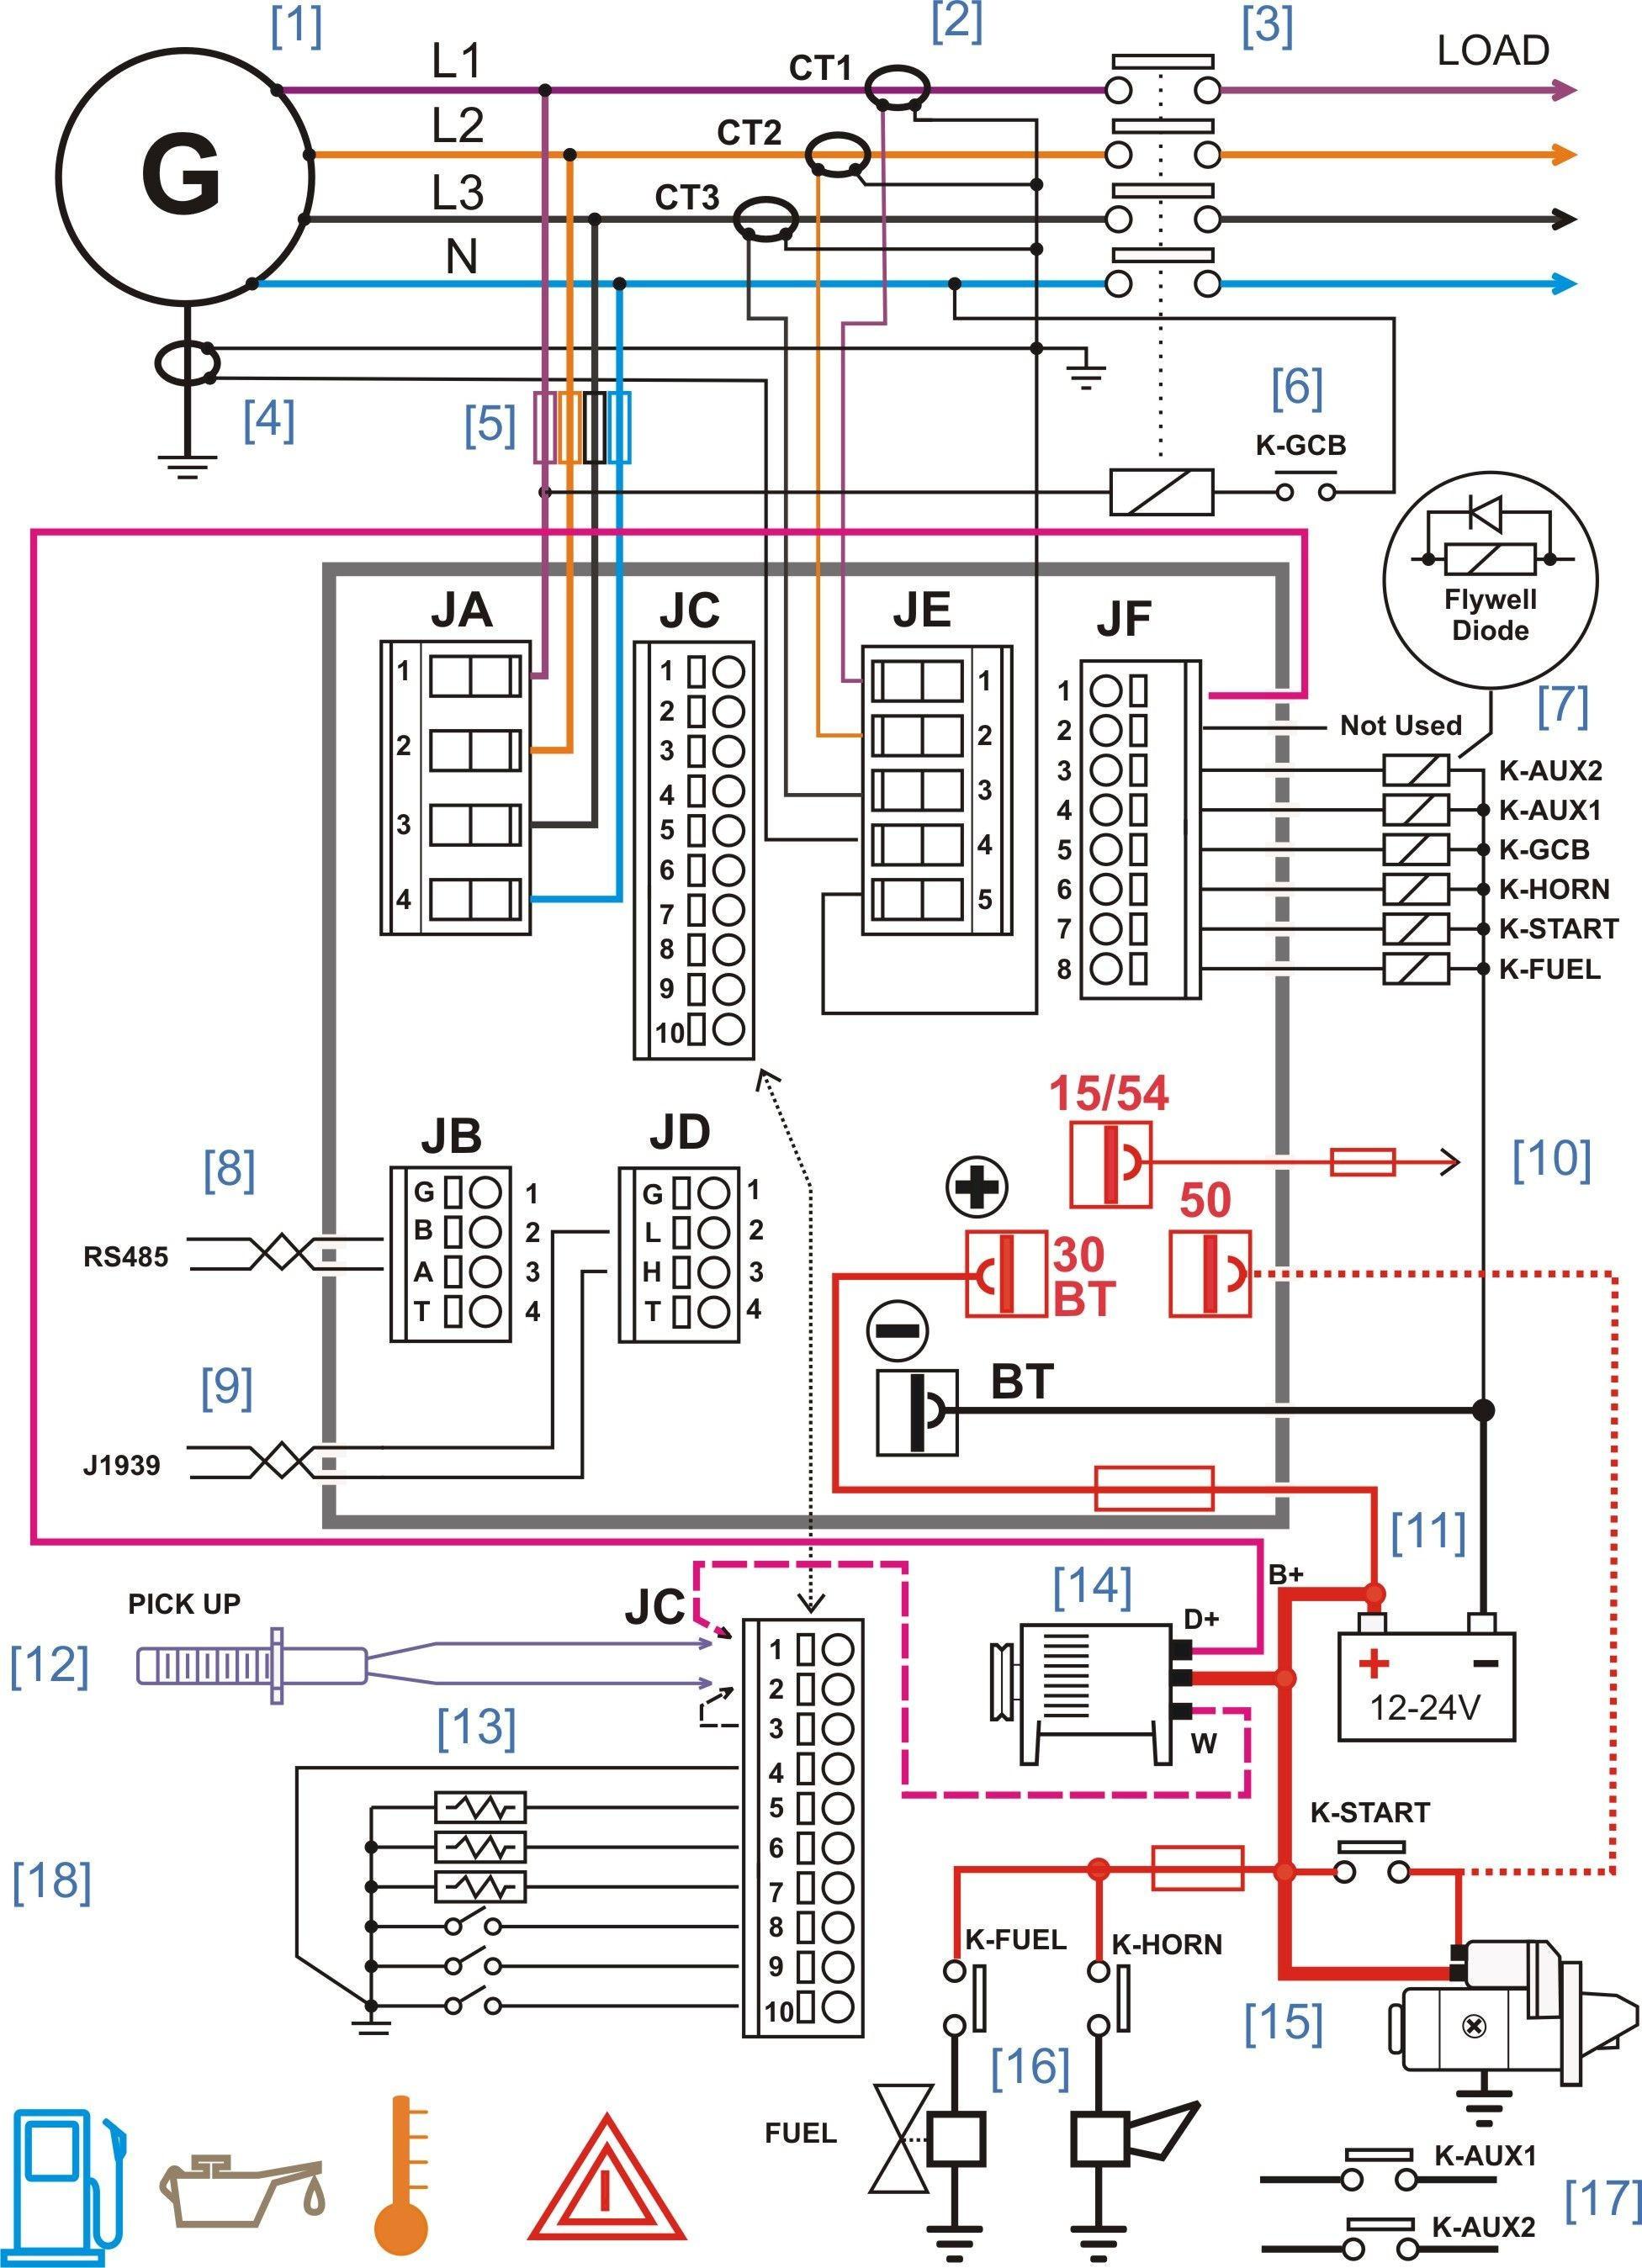 [SCHEMATICS_49CH]  7A3 Kubota Diesel Engine Wiring Diagram | Wiring Resources | Kubota Diesel Engine Wiring Diagram |  | Wiring Resources